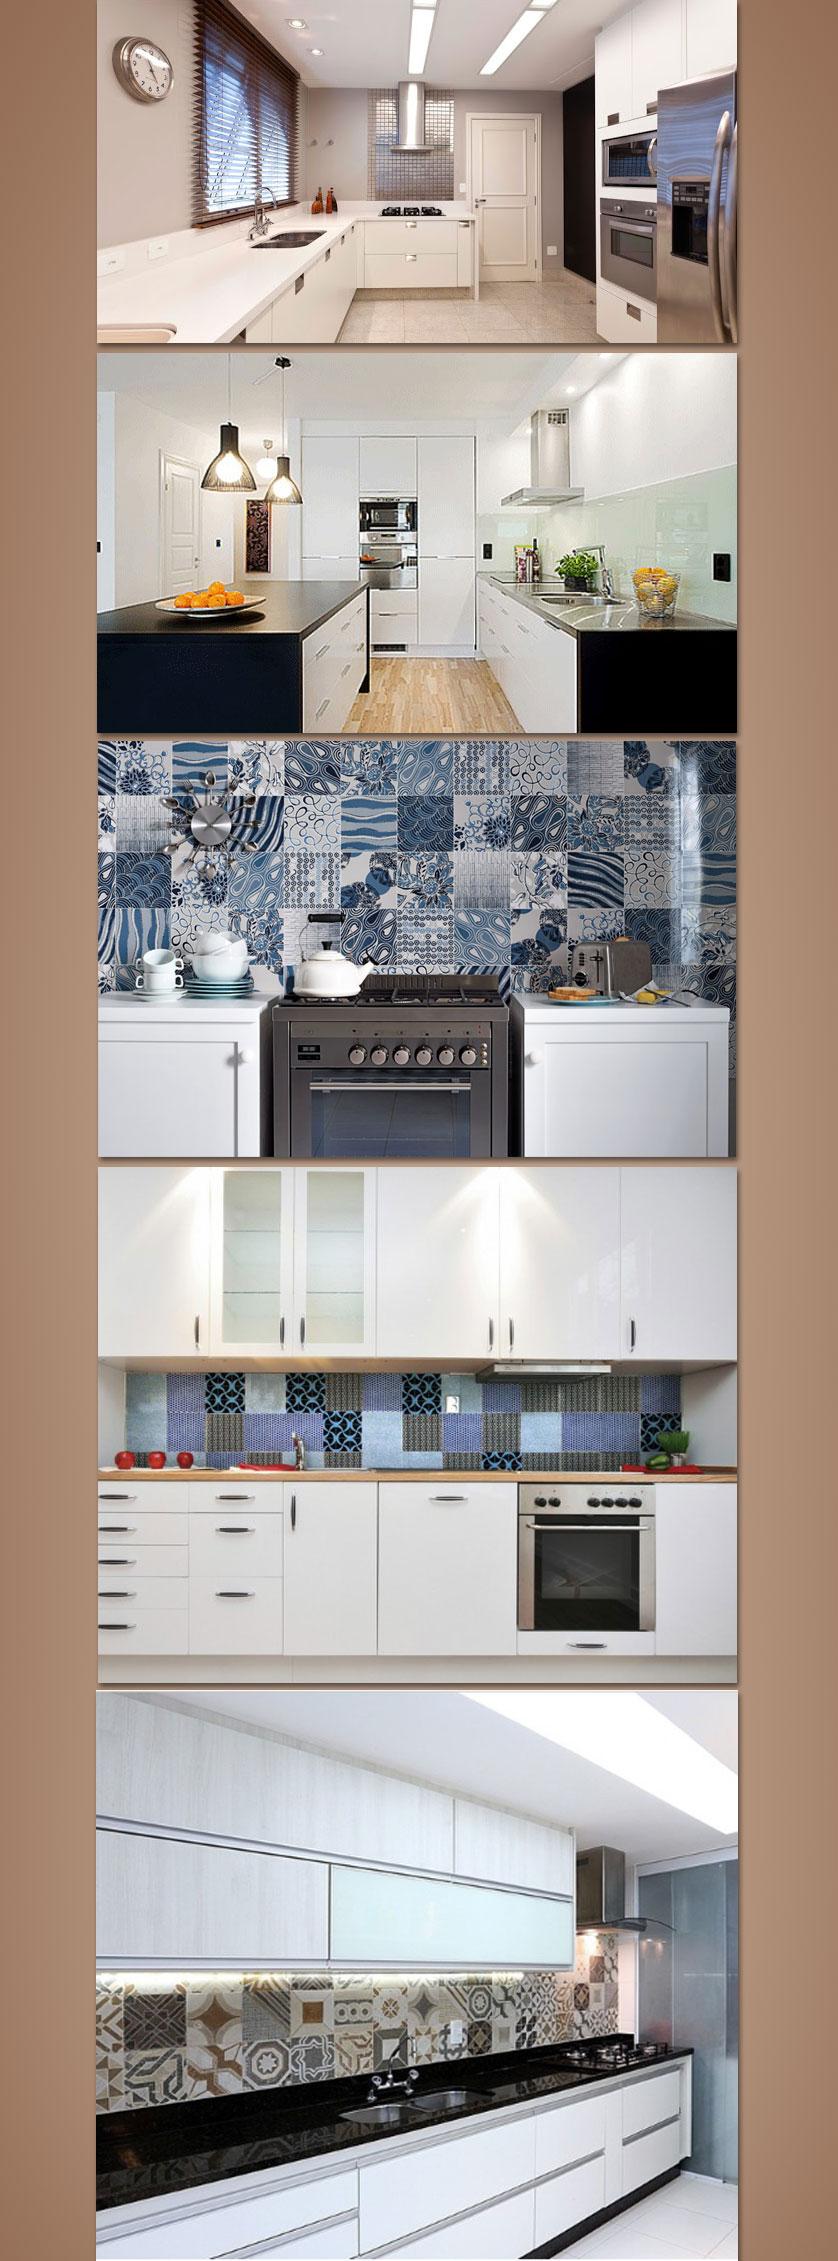 Cozinhas Modernas Tend Ncias De Decora Es